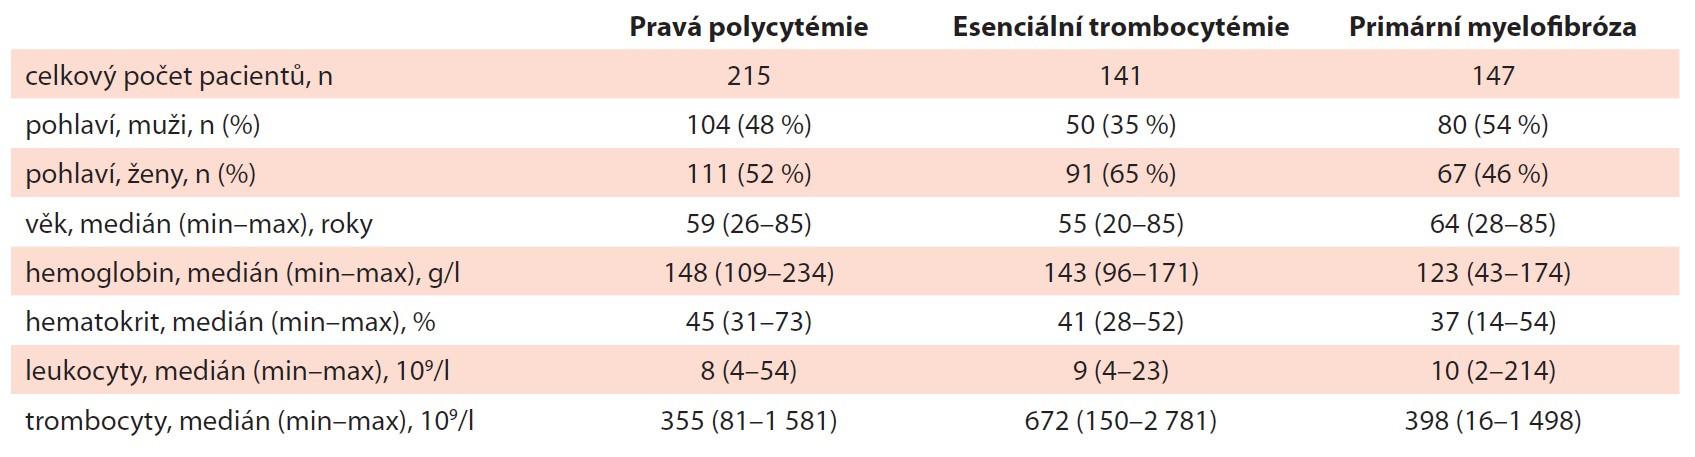 Základní charakteristika souboru pacientů s PV, ET a PMF v době diagnózy (n = 641).